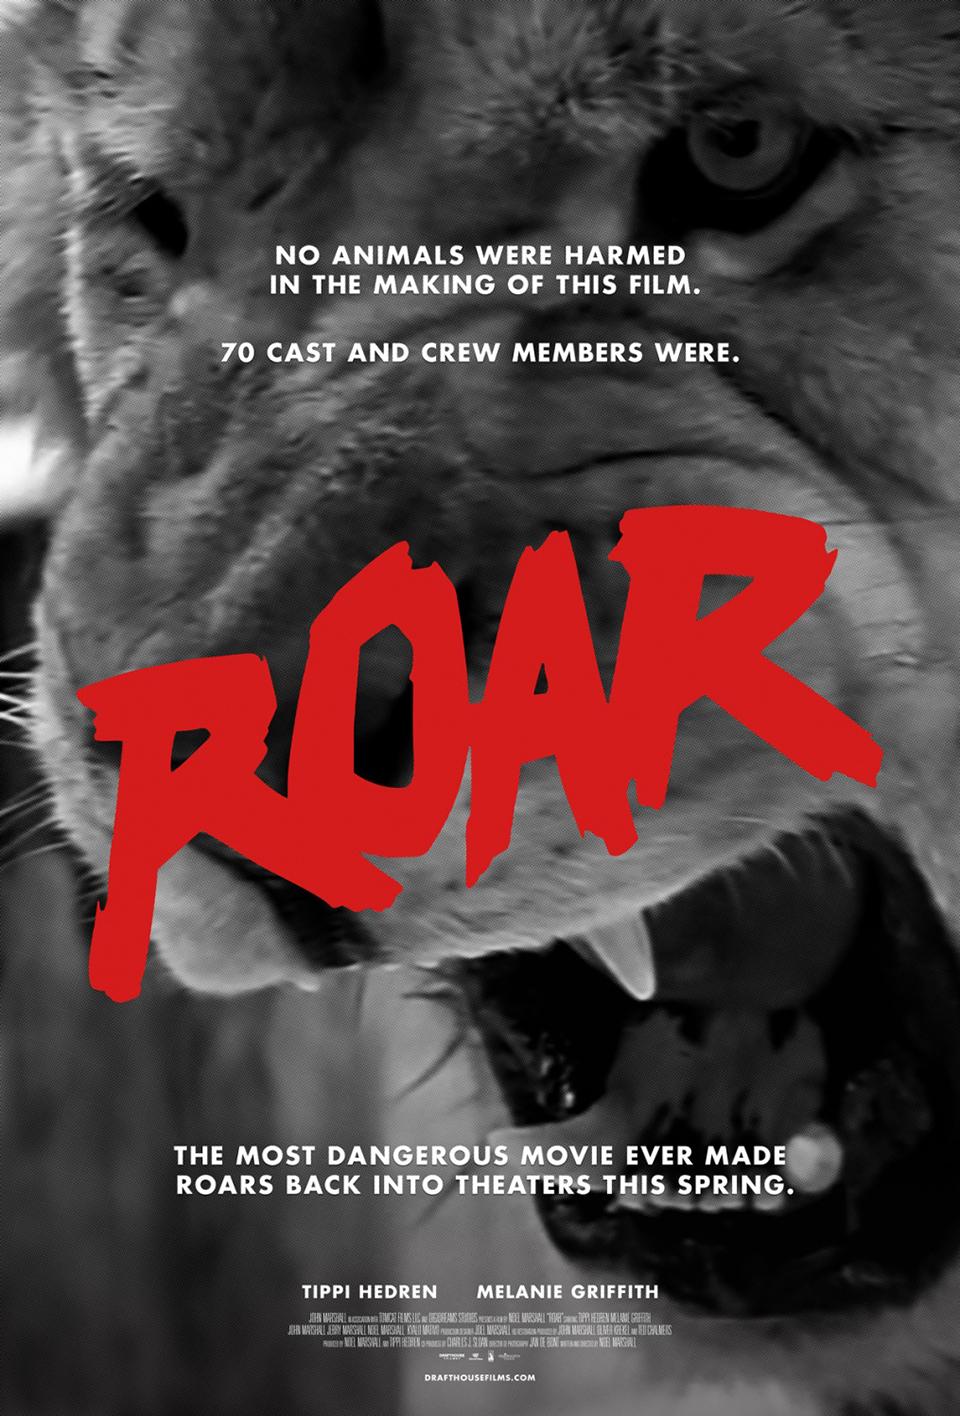 ROAR (Trailer)